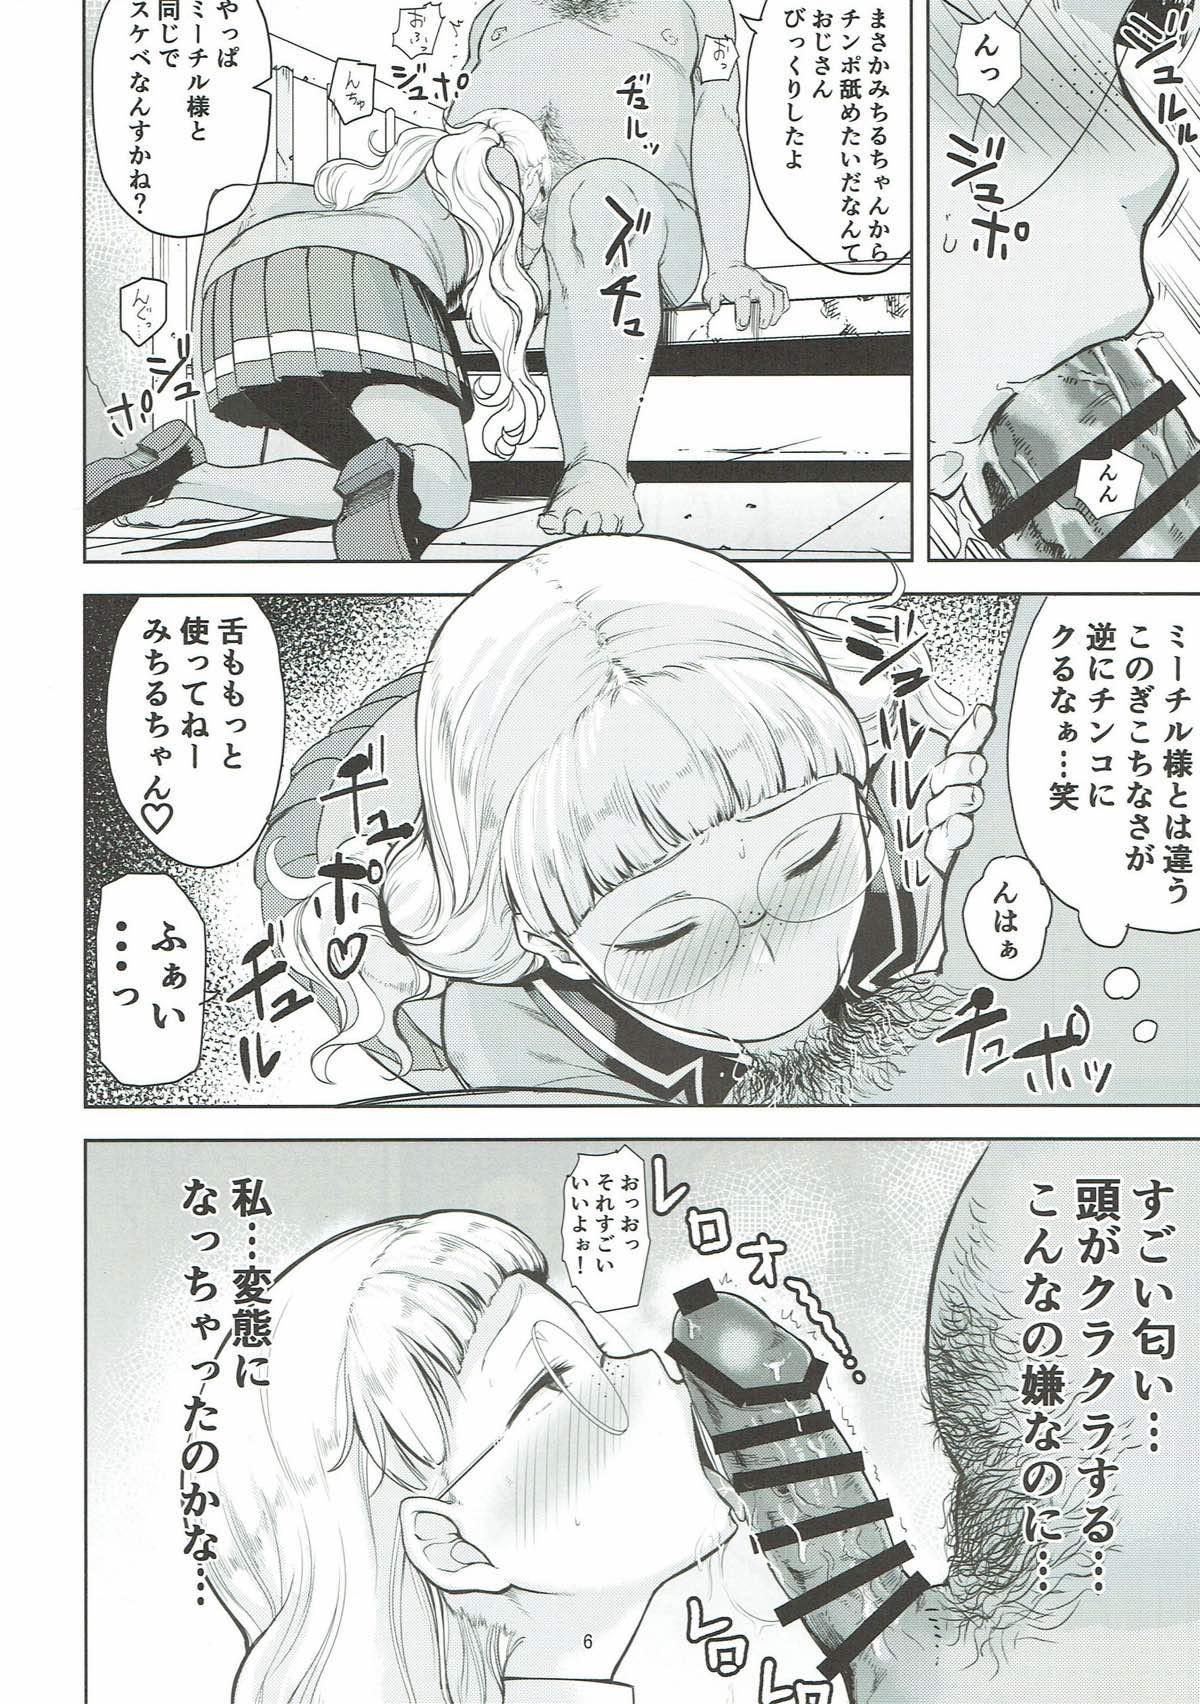 Dare ni mo Misenai Watashi 4